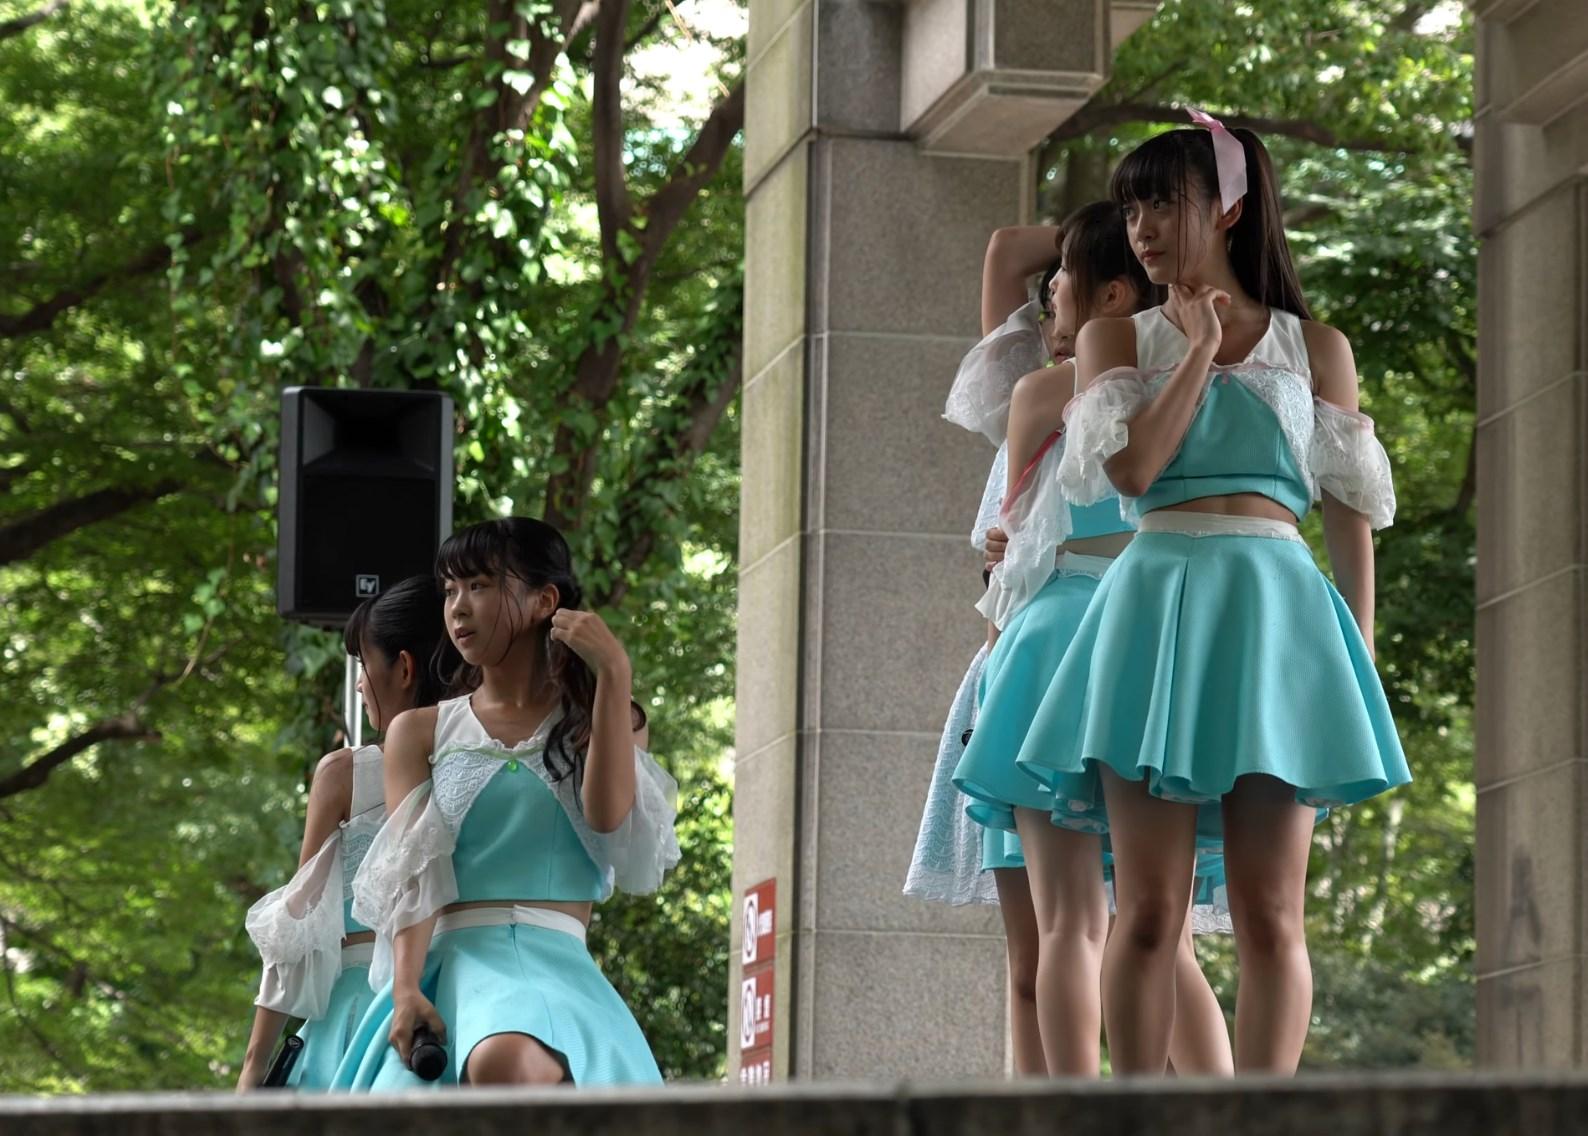 激カワアイドルグループをローアングルで撮影